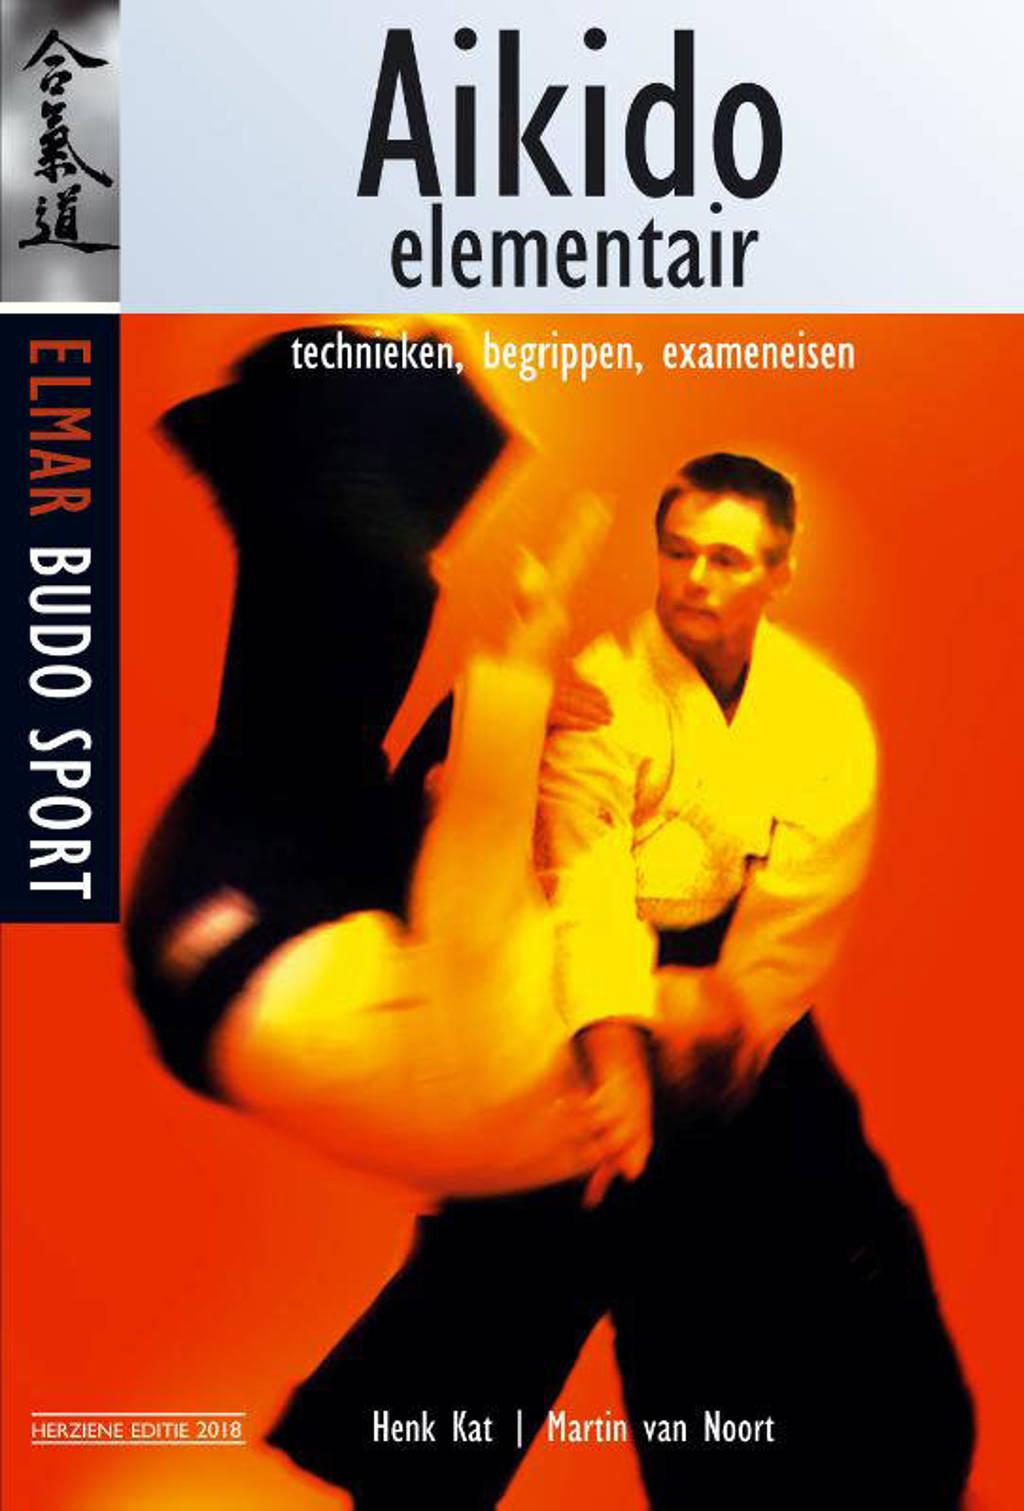 Aikido elementair - Henk Kat en Martin van Noort